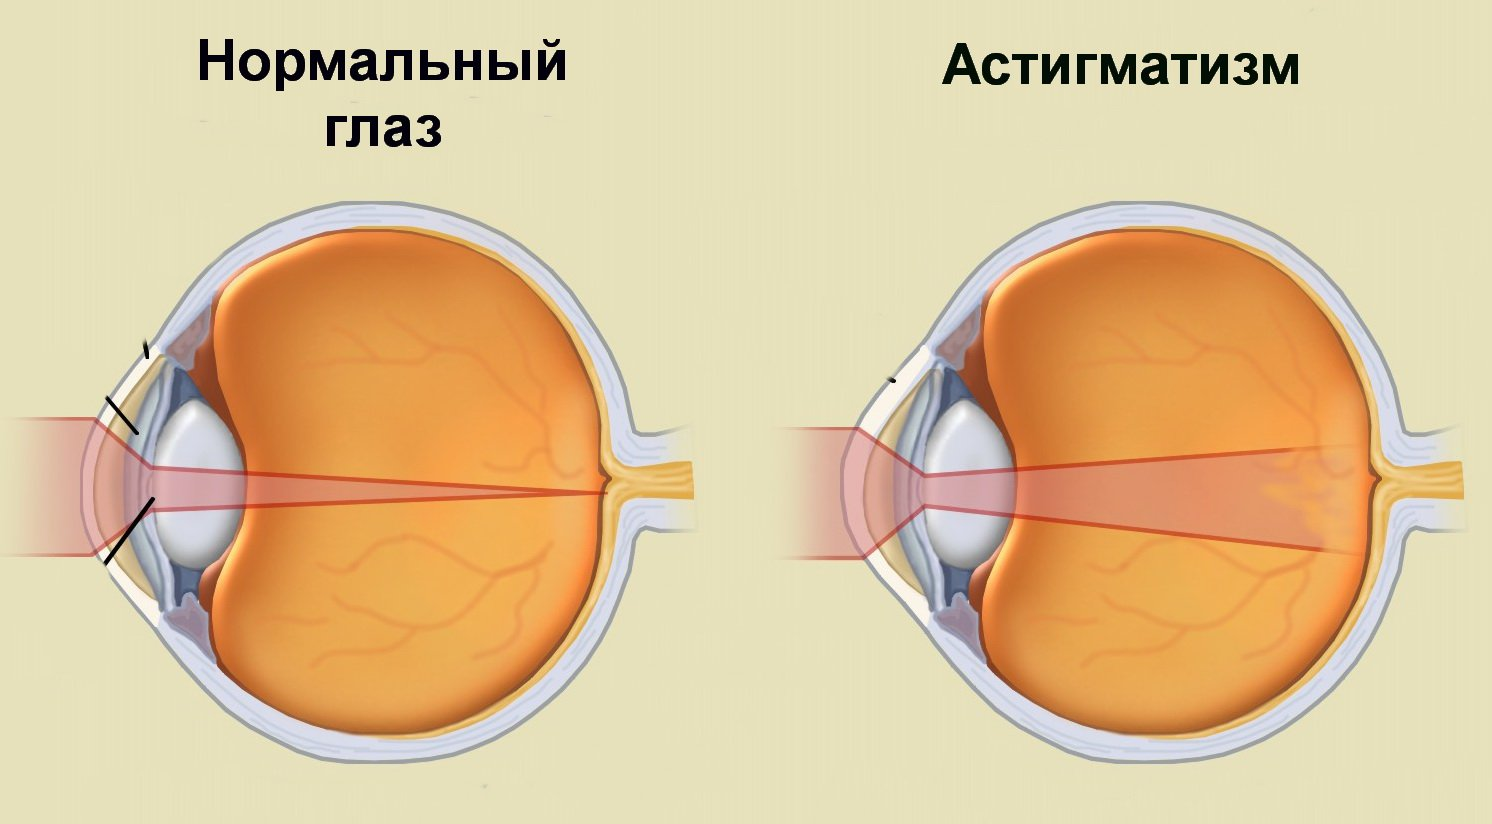 rövidlátás és hyperopia megelőzése a látáskárosodásról)